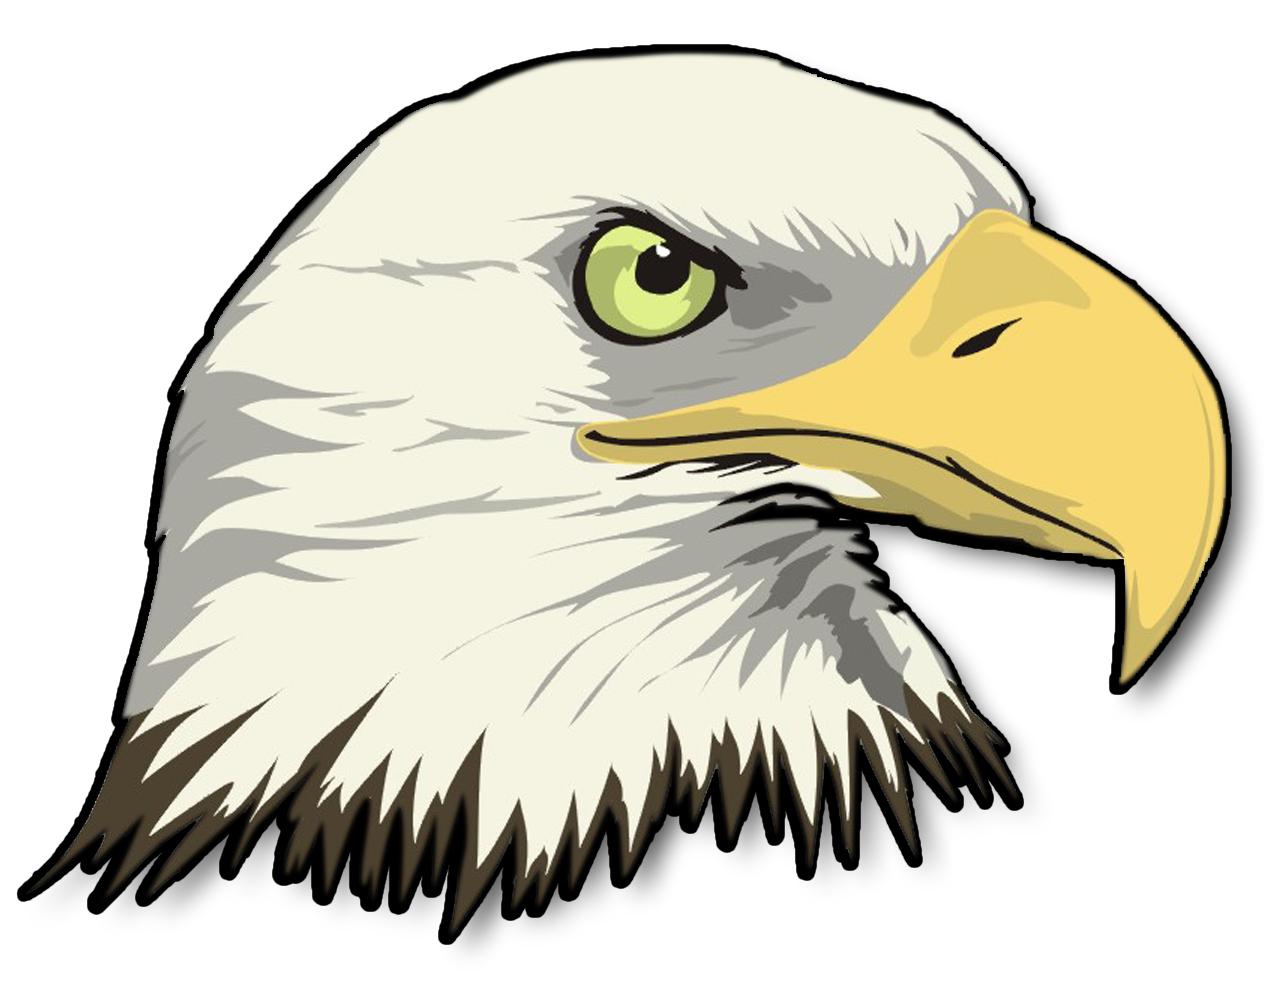 Cartoon bald eagle clipart on ClipArt.